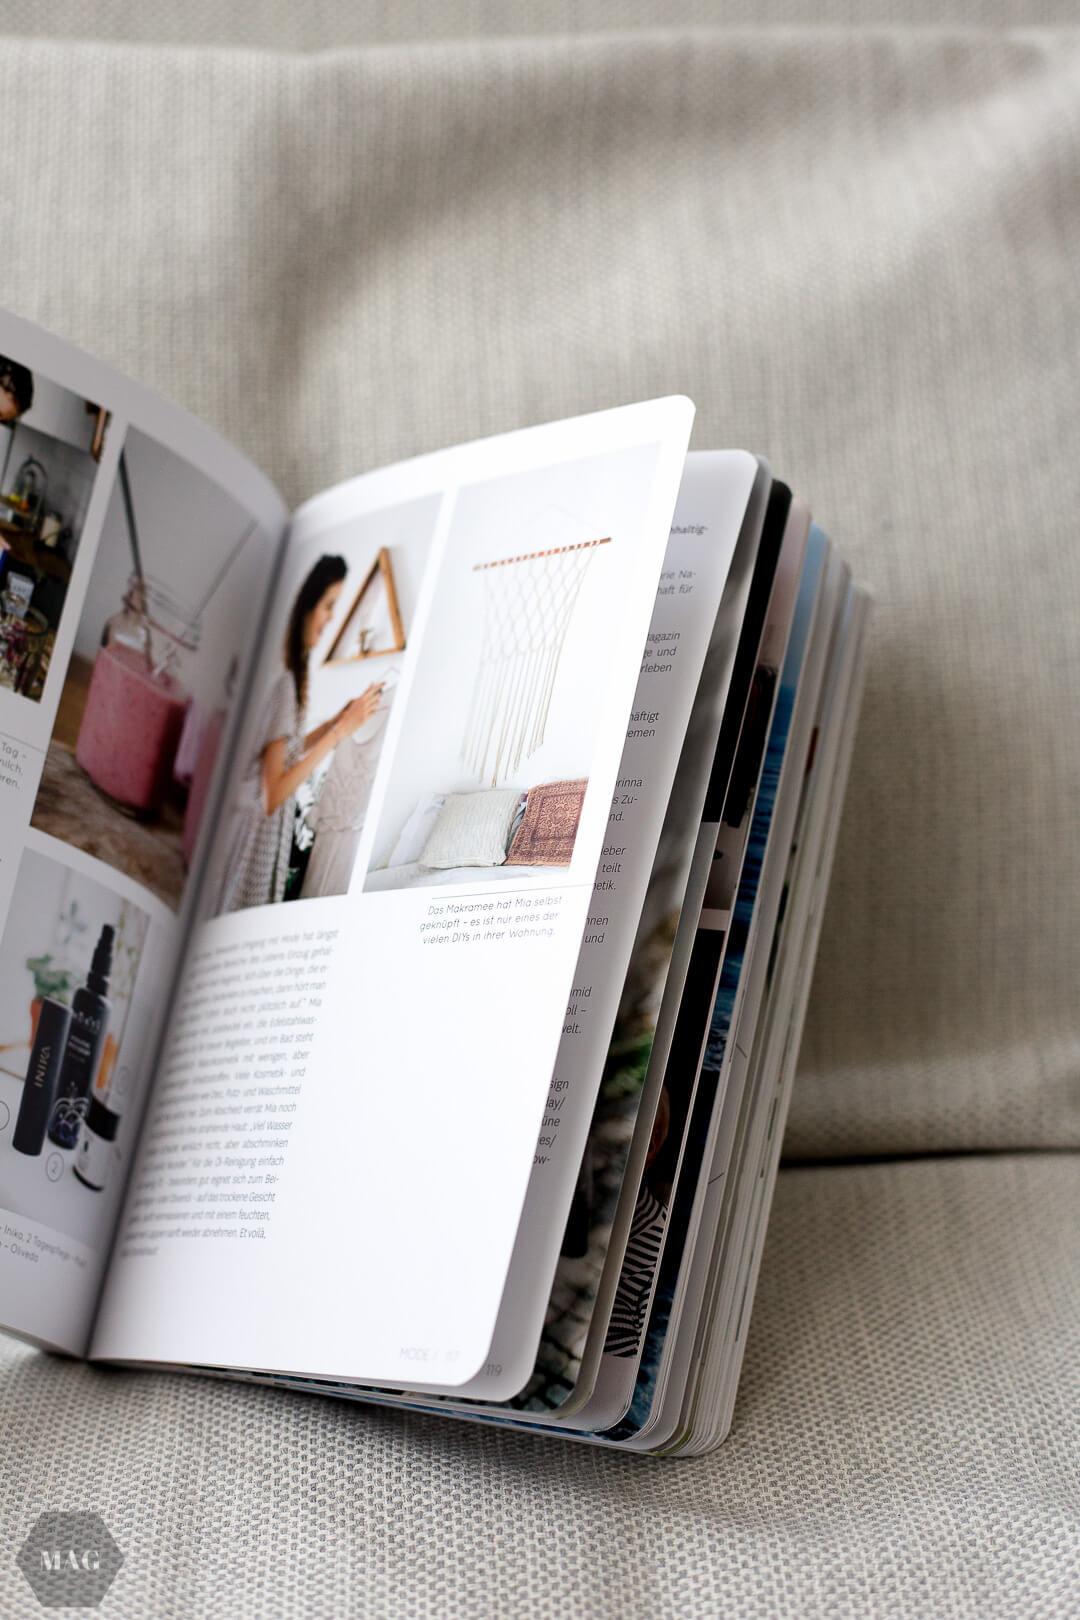 Einfach leben, Lina Jachmann, Rezension einfach leben, Minimalismus Einführung, Minimalismus leben, Minimalismus Buch, Minimalismus für Anfänger, Minimalismus leben, Nachhaltig leben Buch